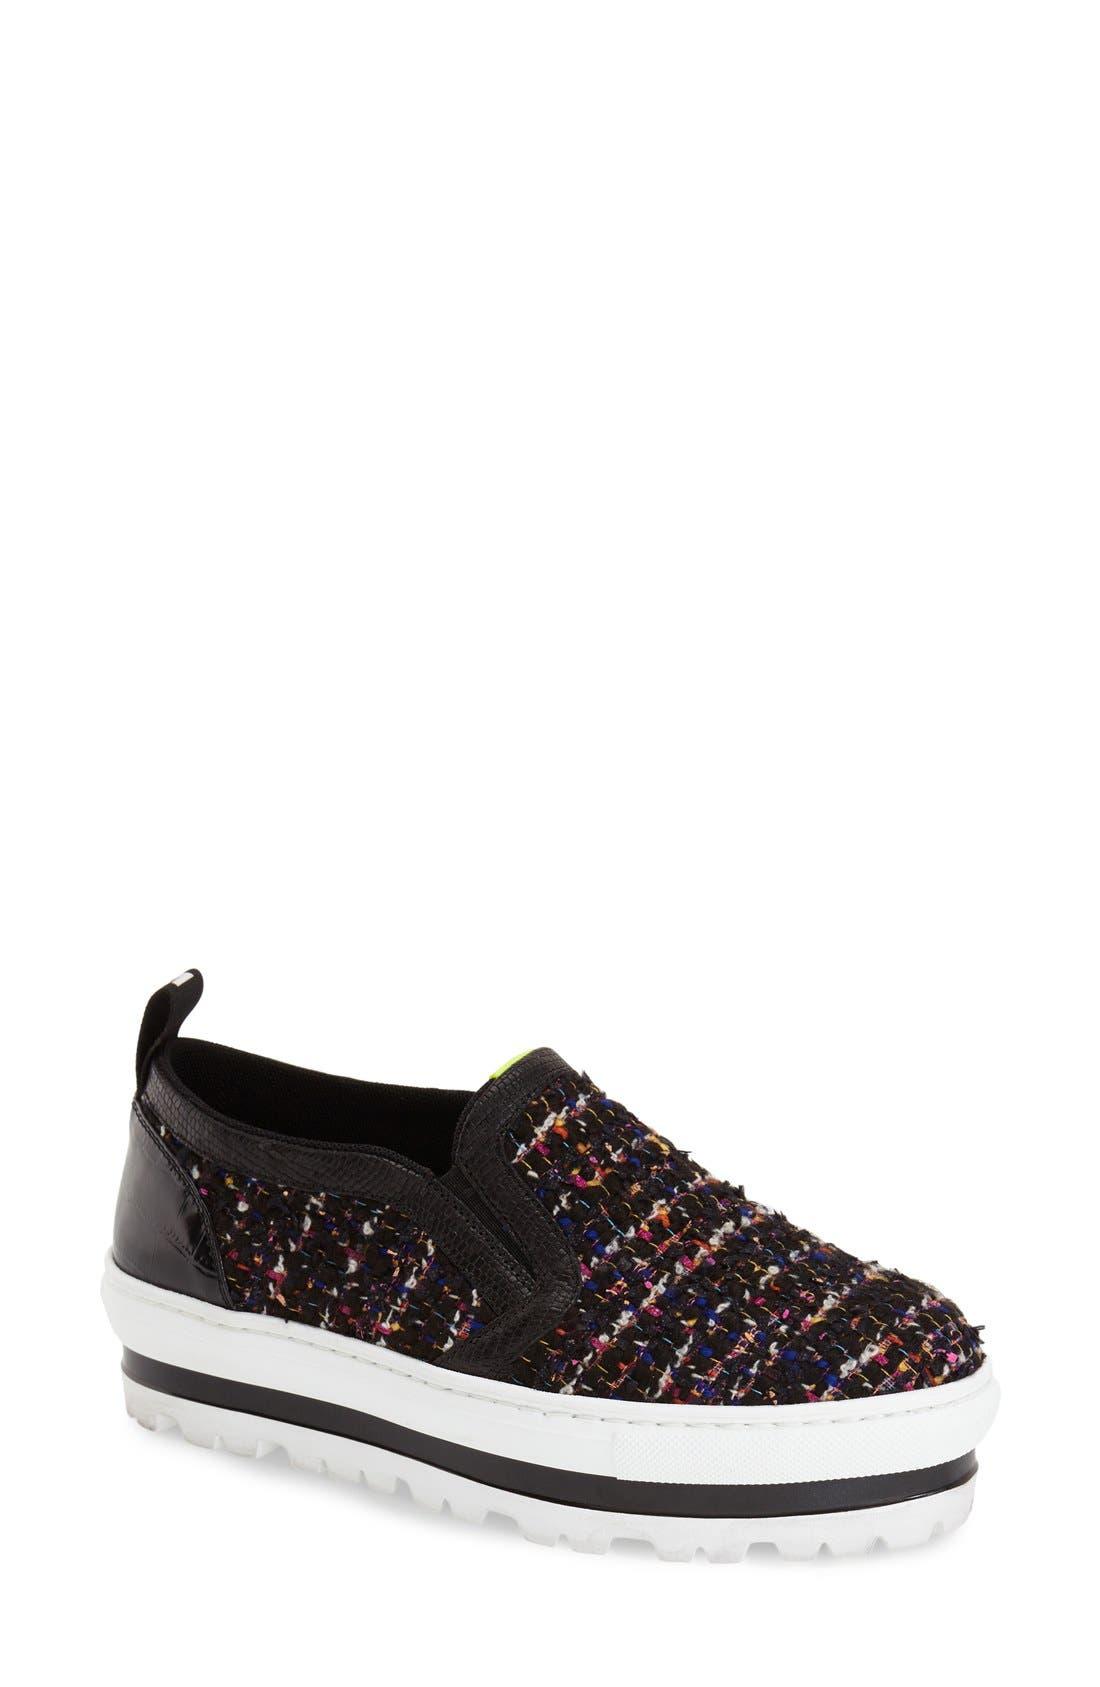 Alternate Image 1 Selected - MSGM Tweed Platform Slip-On Sneaker (Women)